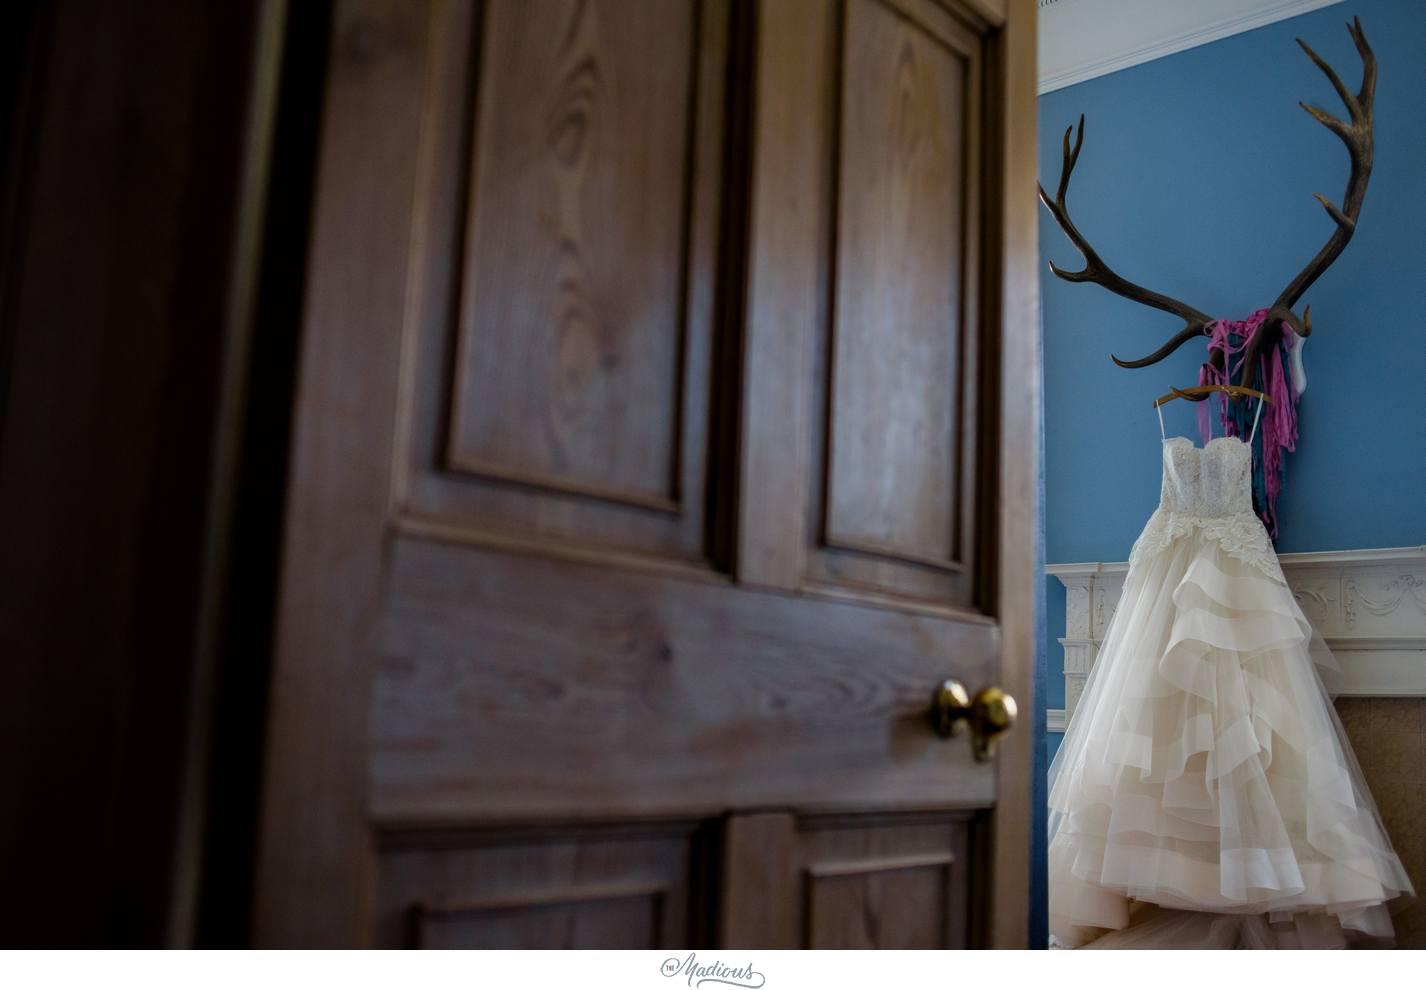 Balbegno_Dunnotar_Castle_Scottland_Wedding_13.jpg